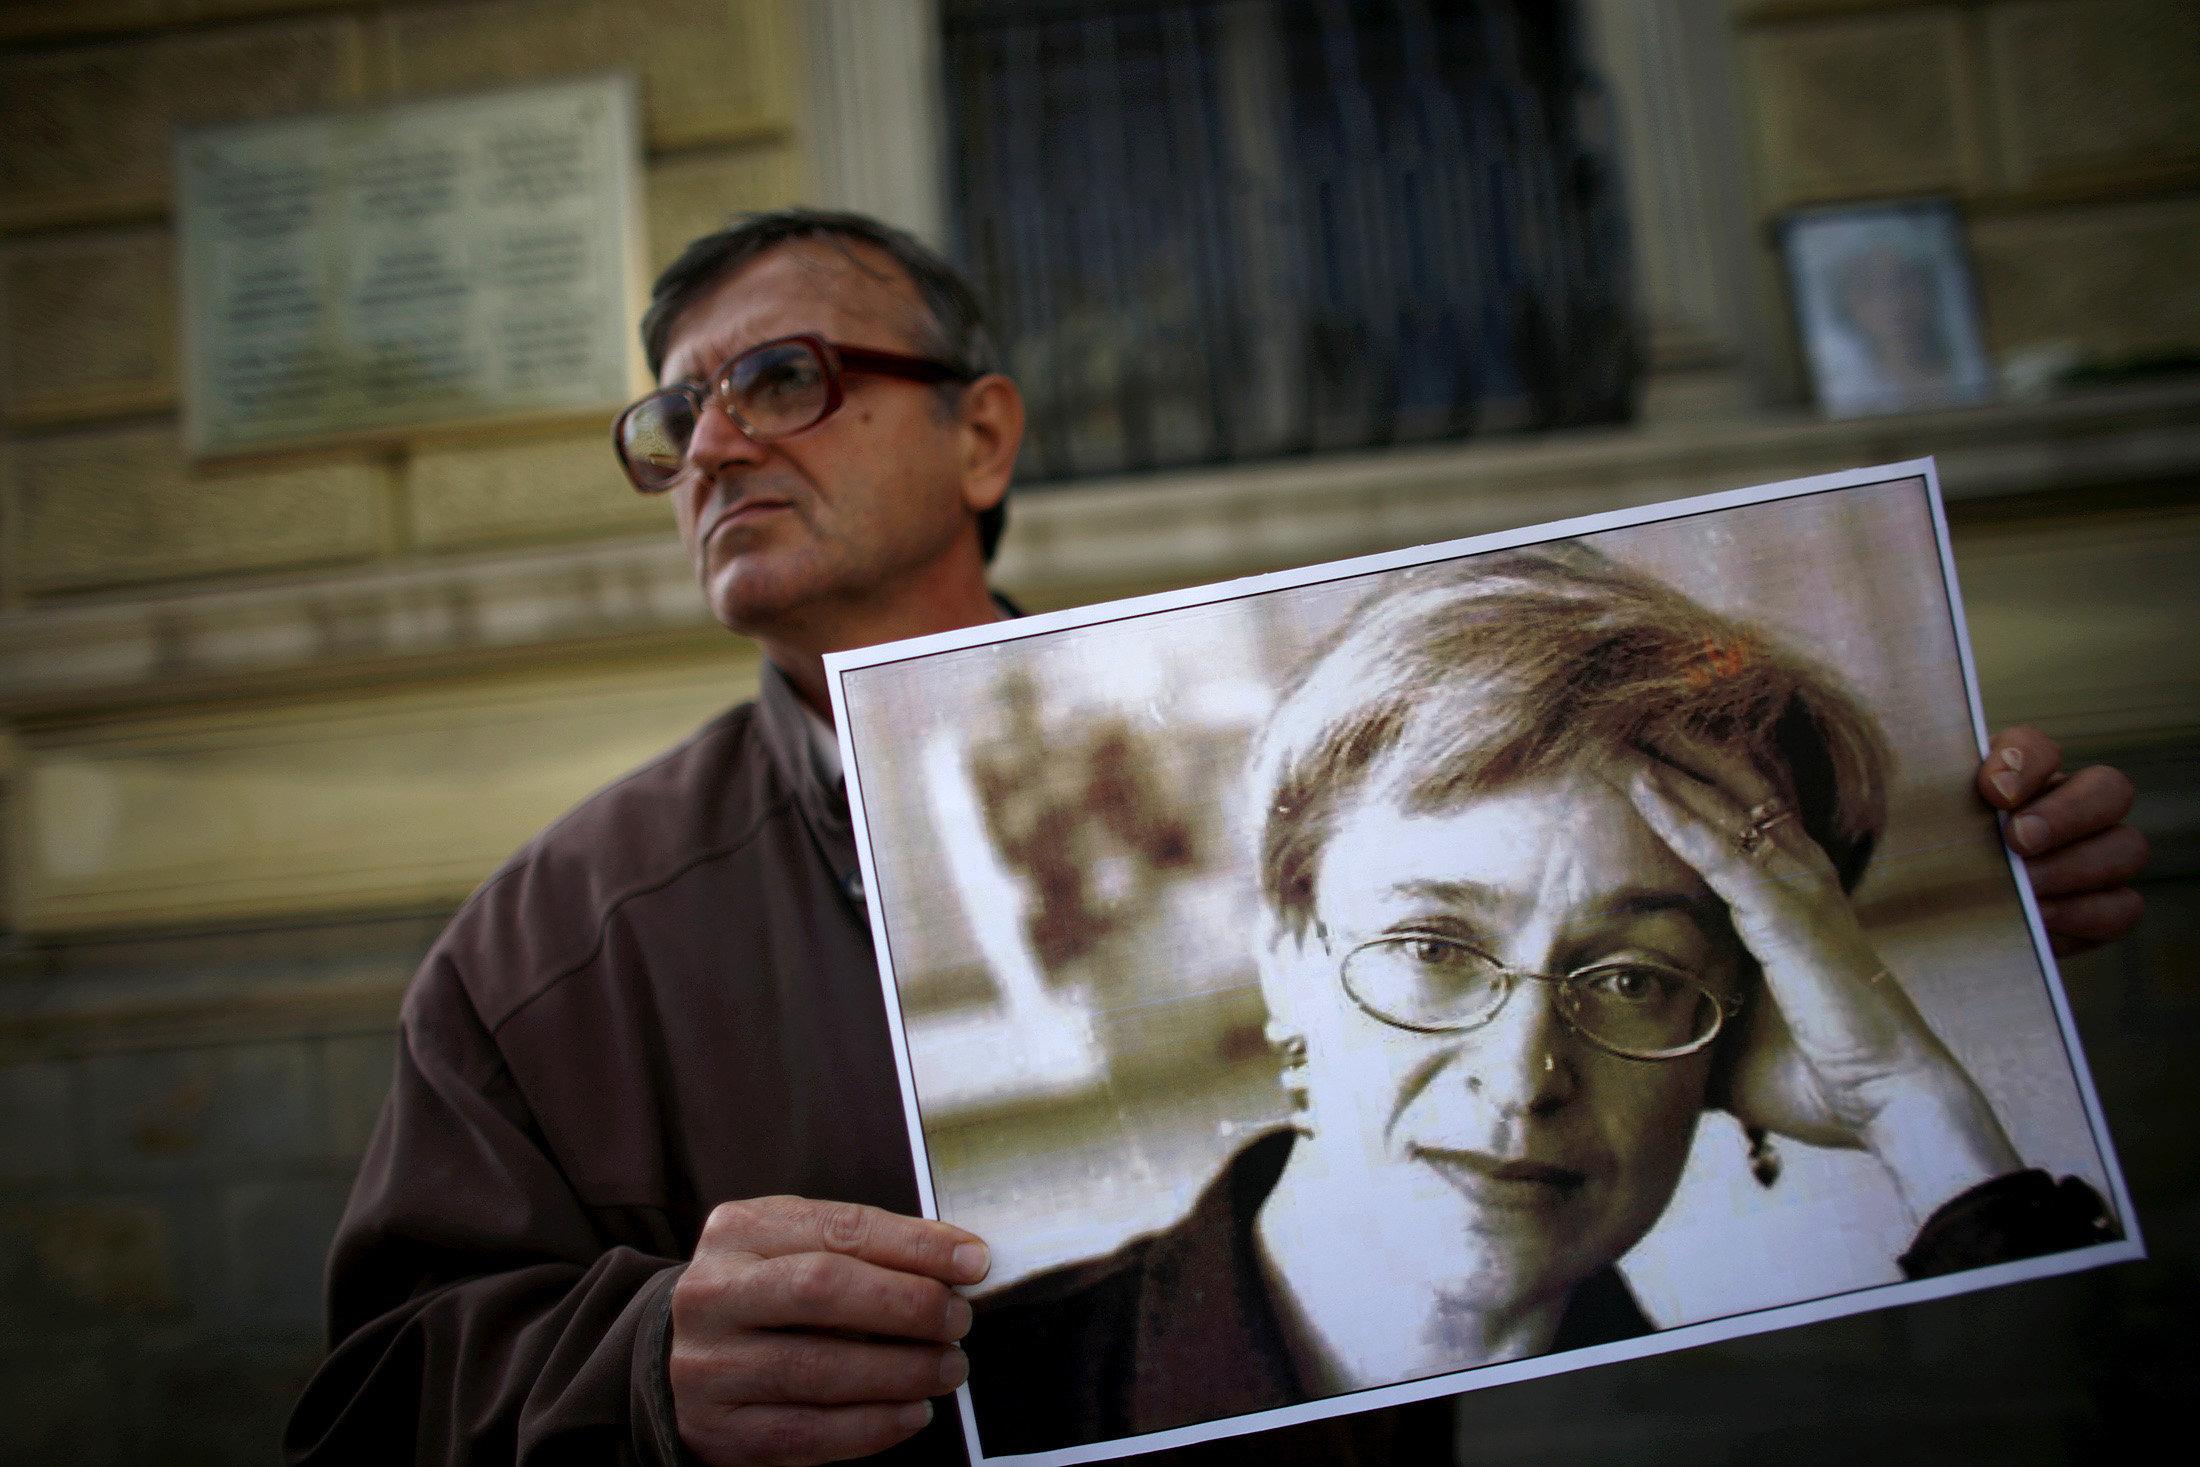 Καταδίκη της Ρωσίας στο ΕΔΑΔ για ελλειπή έρευνα για τη δολοφονία της δημοσιογράφου Άννας